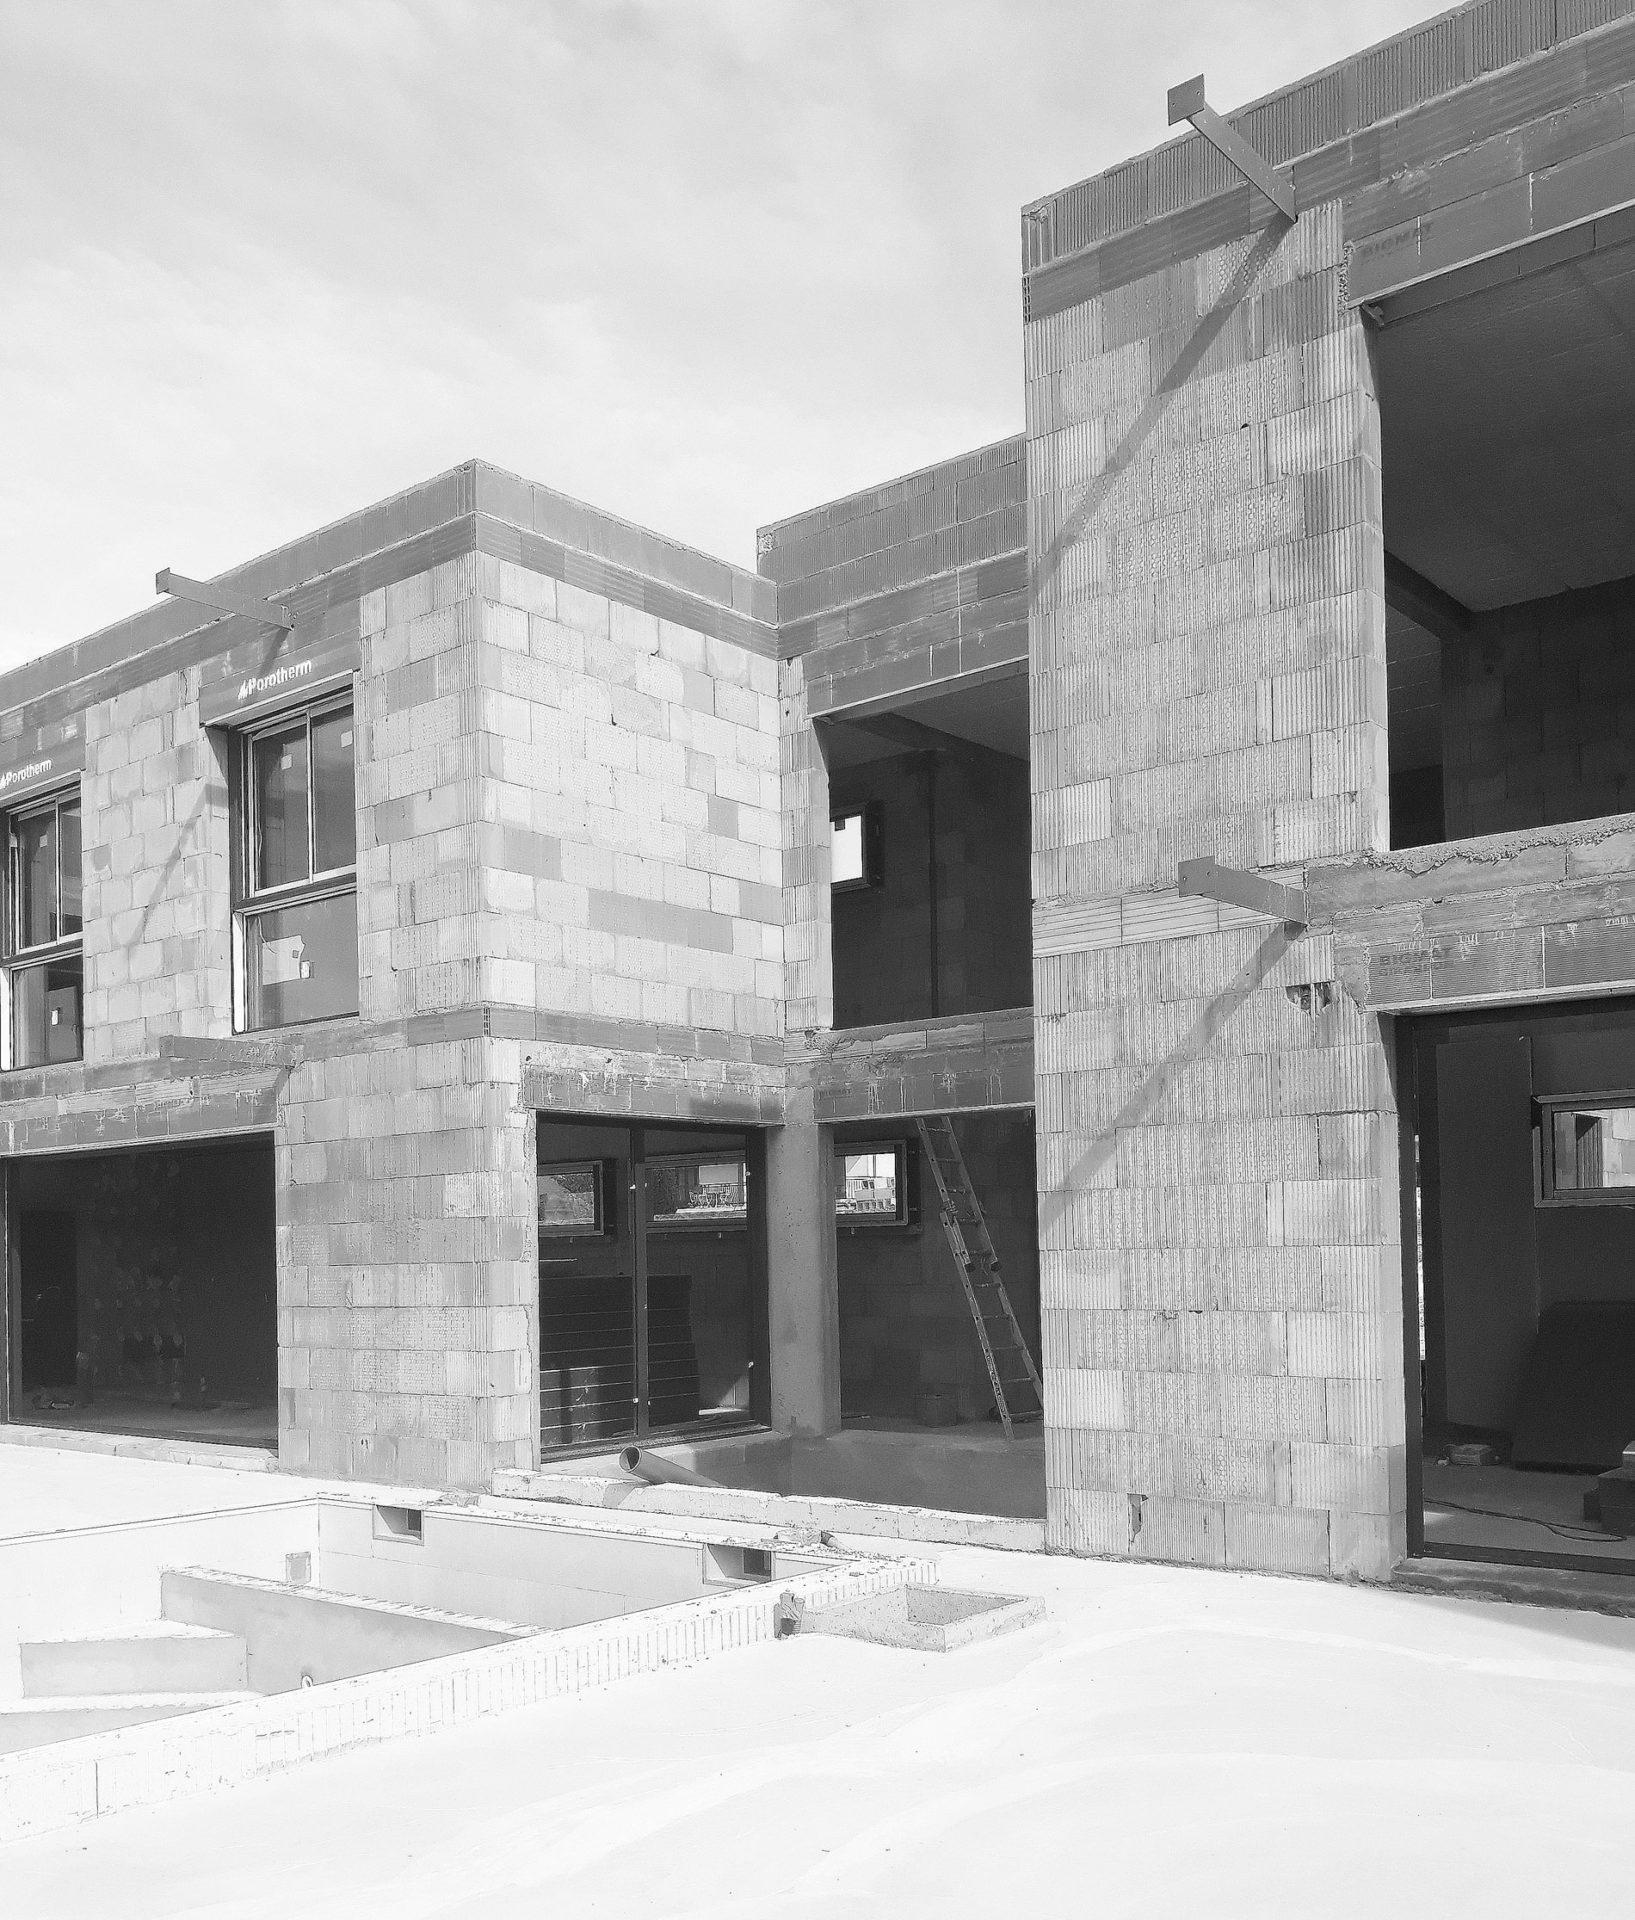 maison-contemporaine-toiture-terrasse-bois-metal-brique-piscine-spa-chantier-2